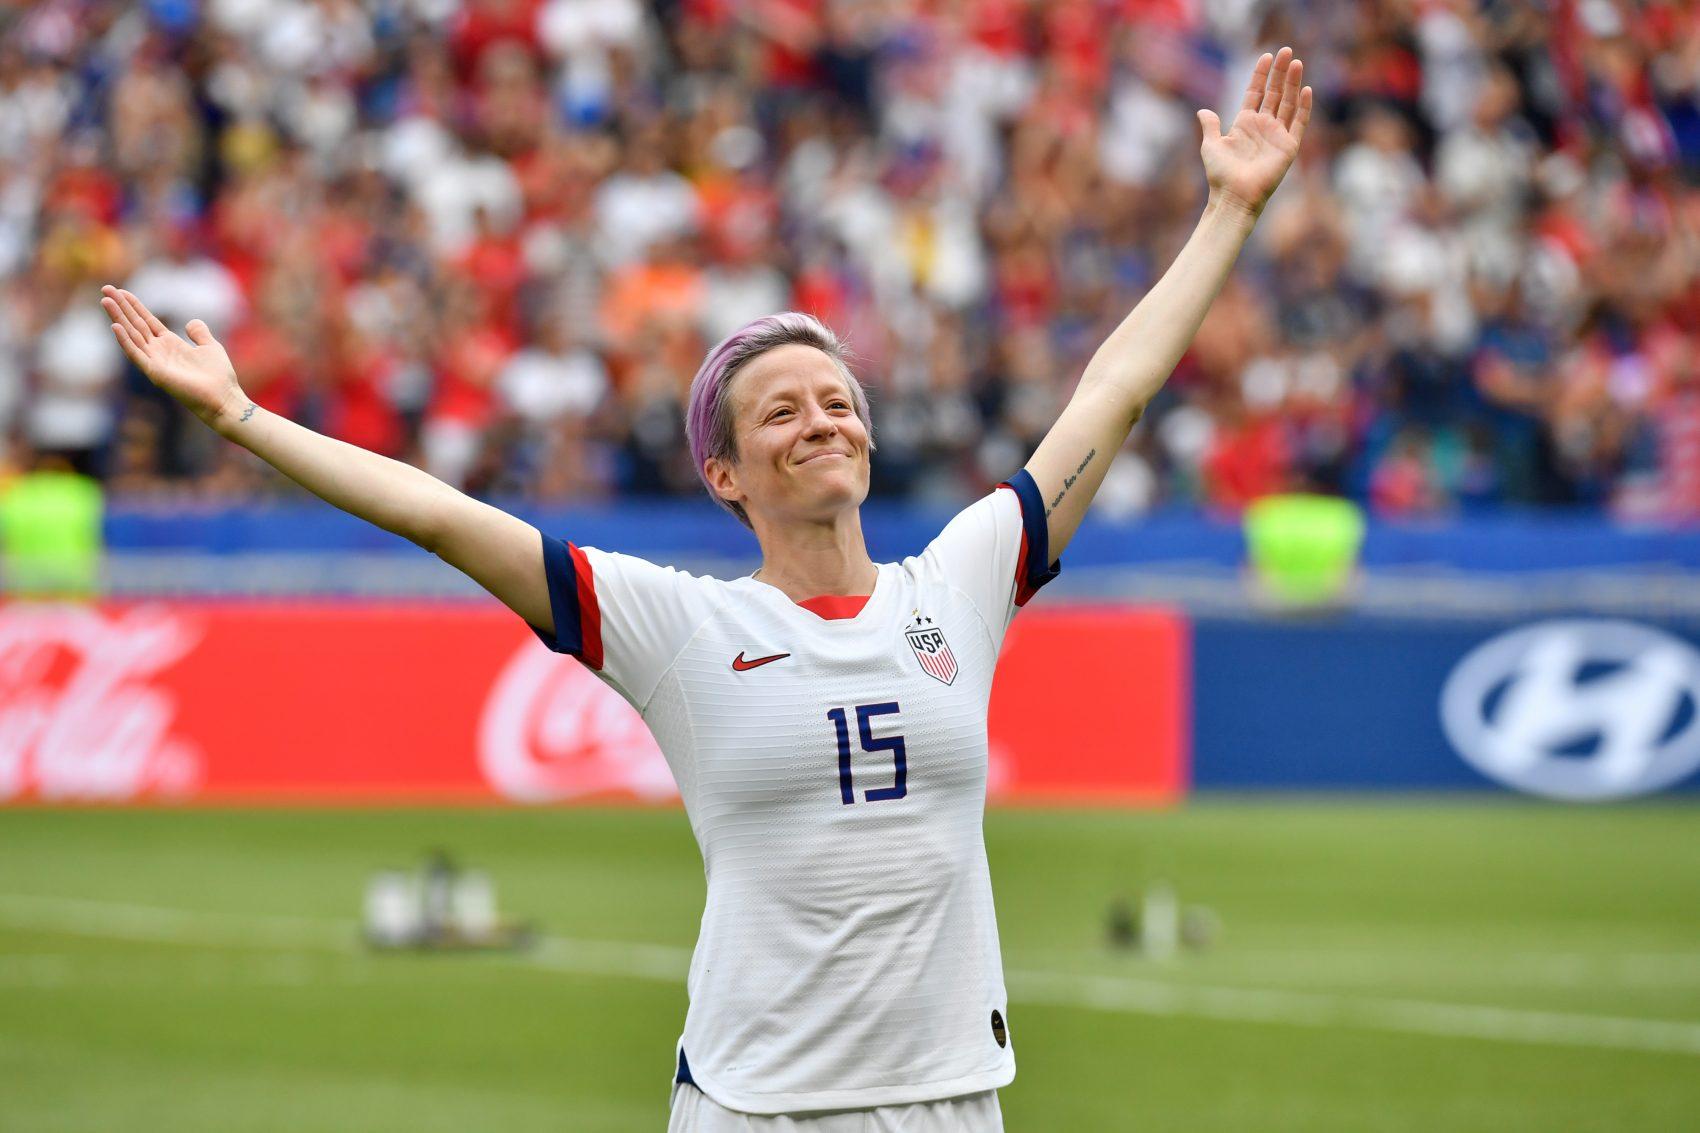 Megan Rapinoe, a capitã sem papas na língua, não canta o hino, ataca Trump e alfineta o presidente da Fifa, : 'um pouco de vergonha pública não faz mal a ninguém' (Foto: Phillipe Desmazes/AFP)